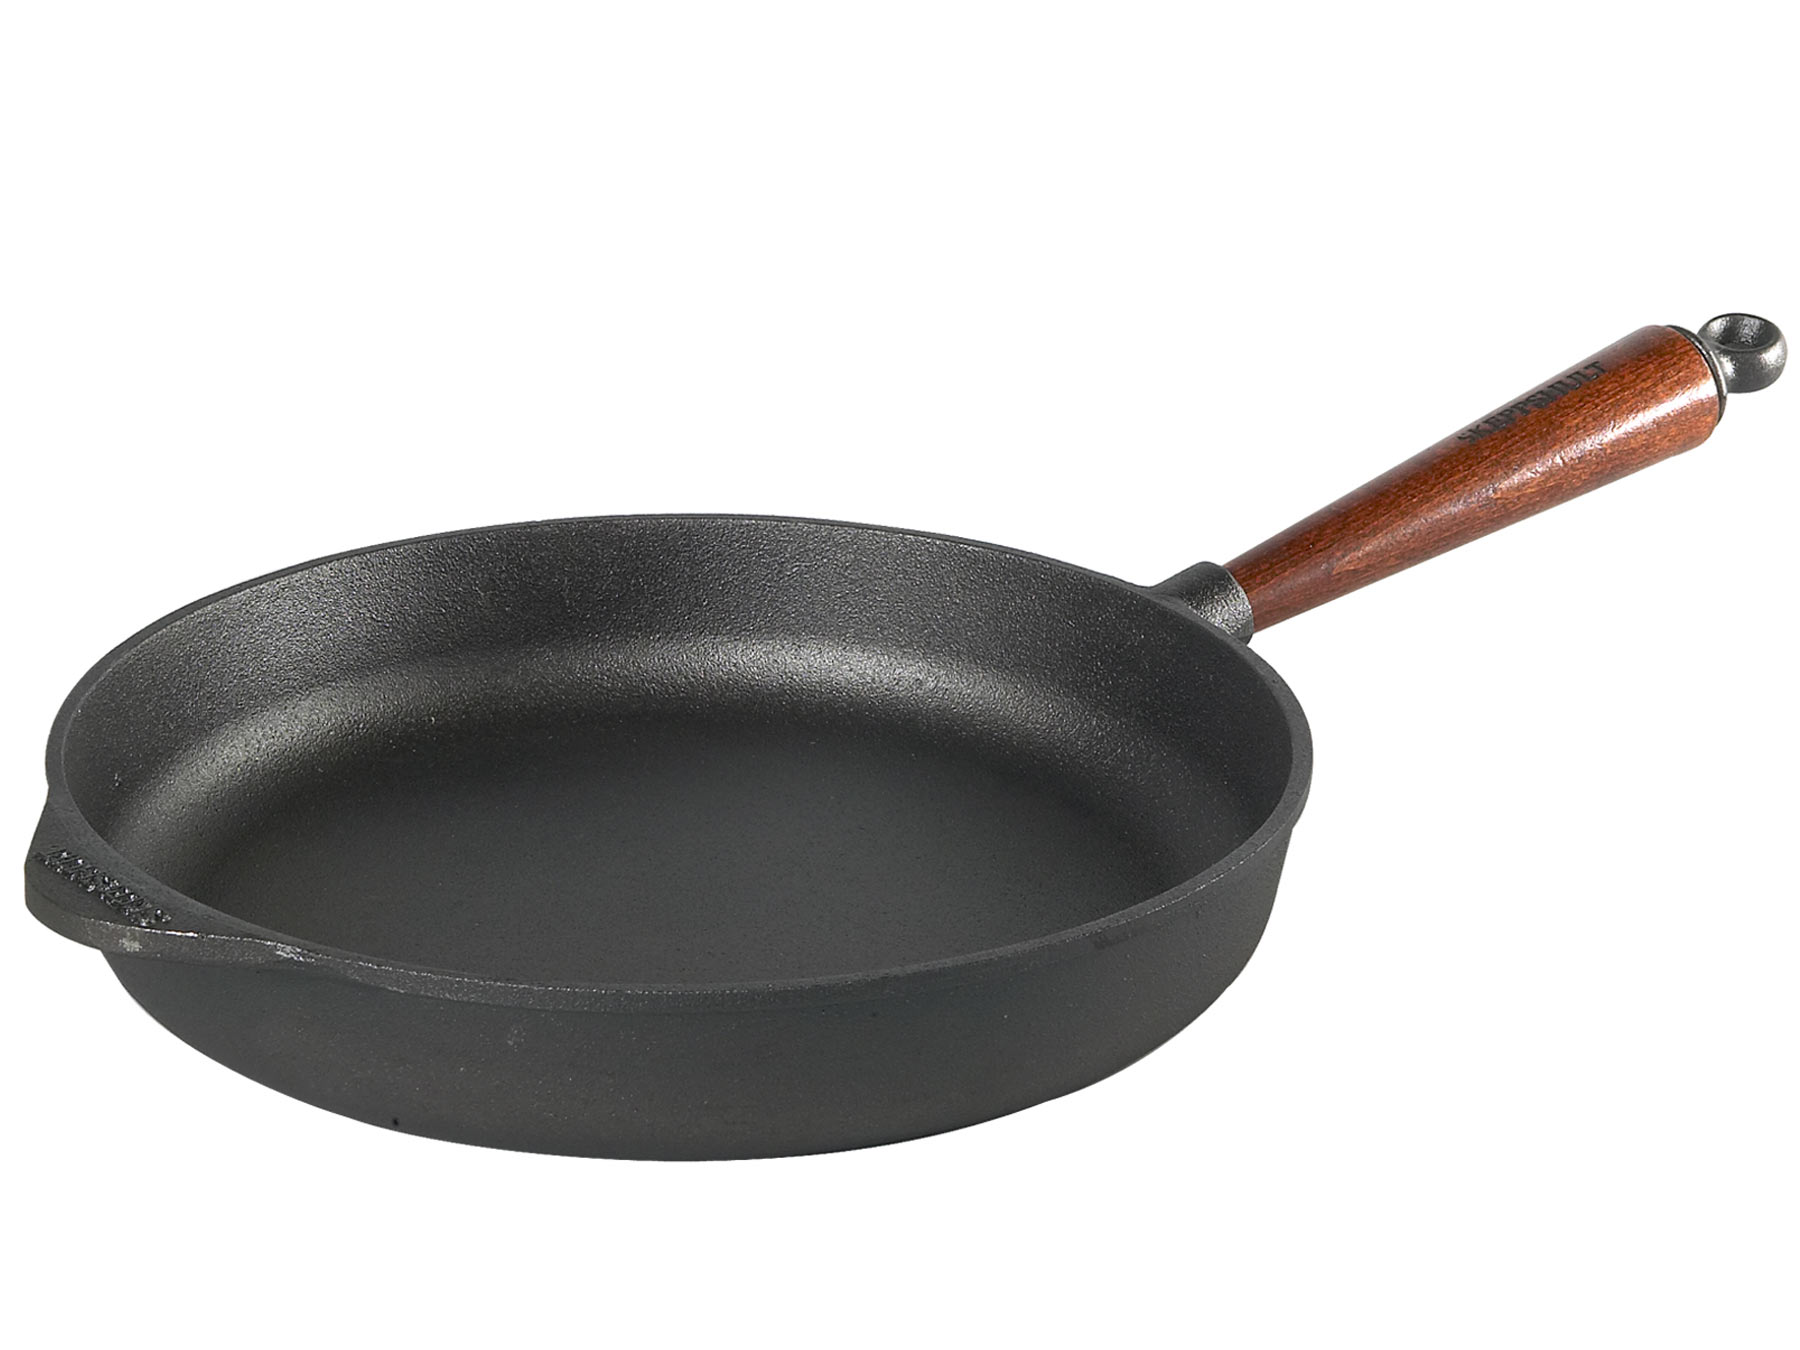 Skeppshult Servierpfanne Holzgriff 28 cm, Höhe 5,5 cm